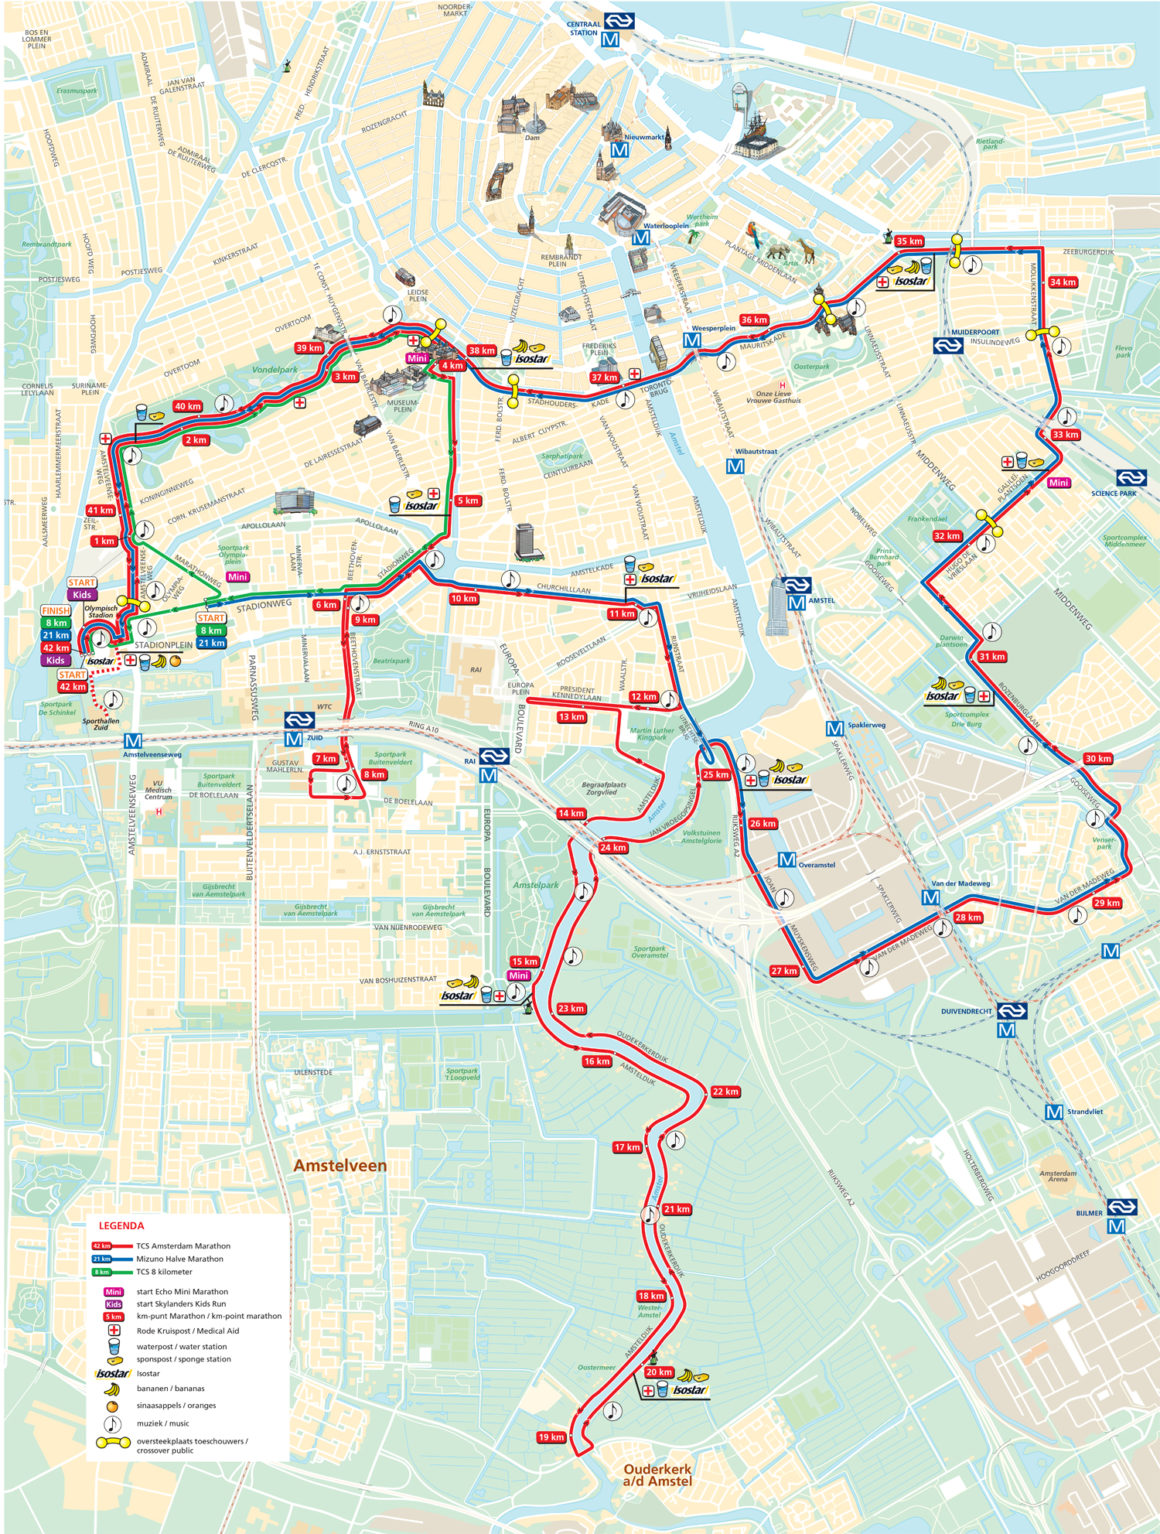 ruta y perfil del maratón de amsterdam maratón de amsterdam - ruta y perfil del maraton de amsterdam 1160x1534 - Correr el Maratón de Amsterdam: análisis, recorrido, entrenamiento y recomendaciones de viaje